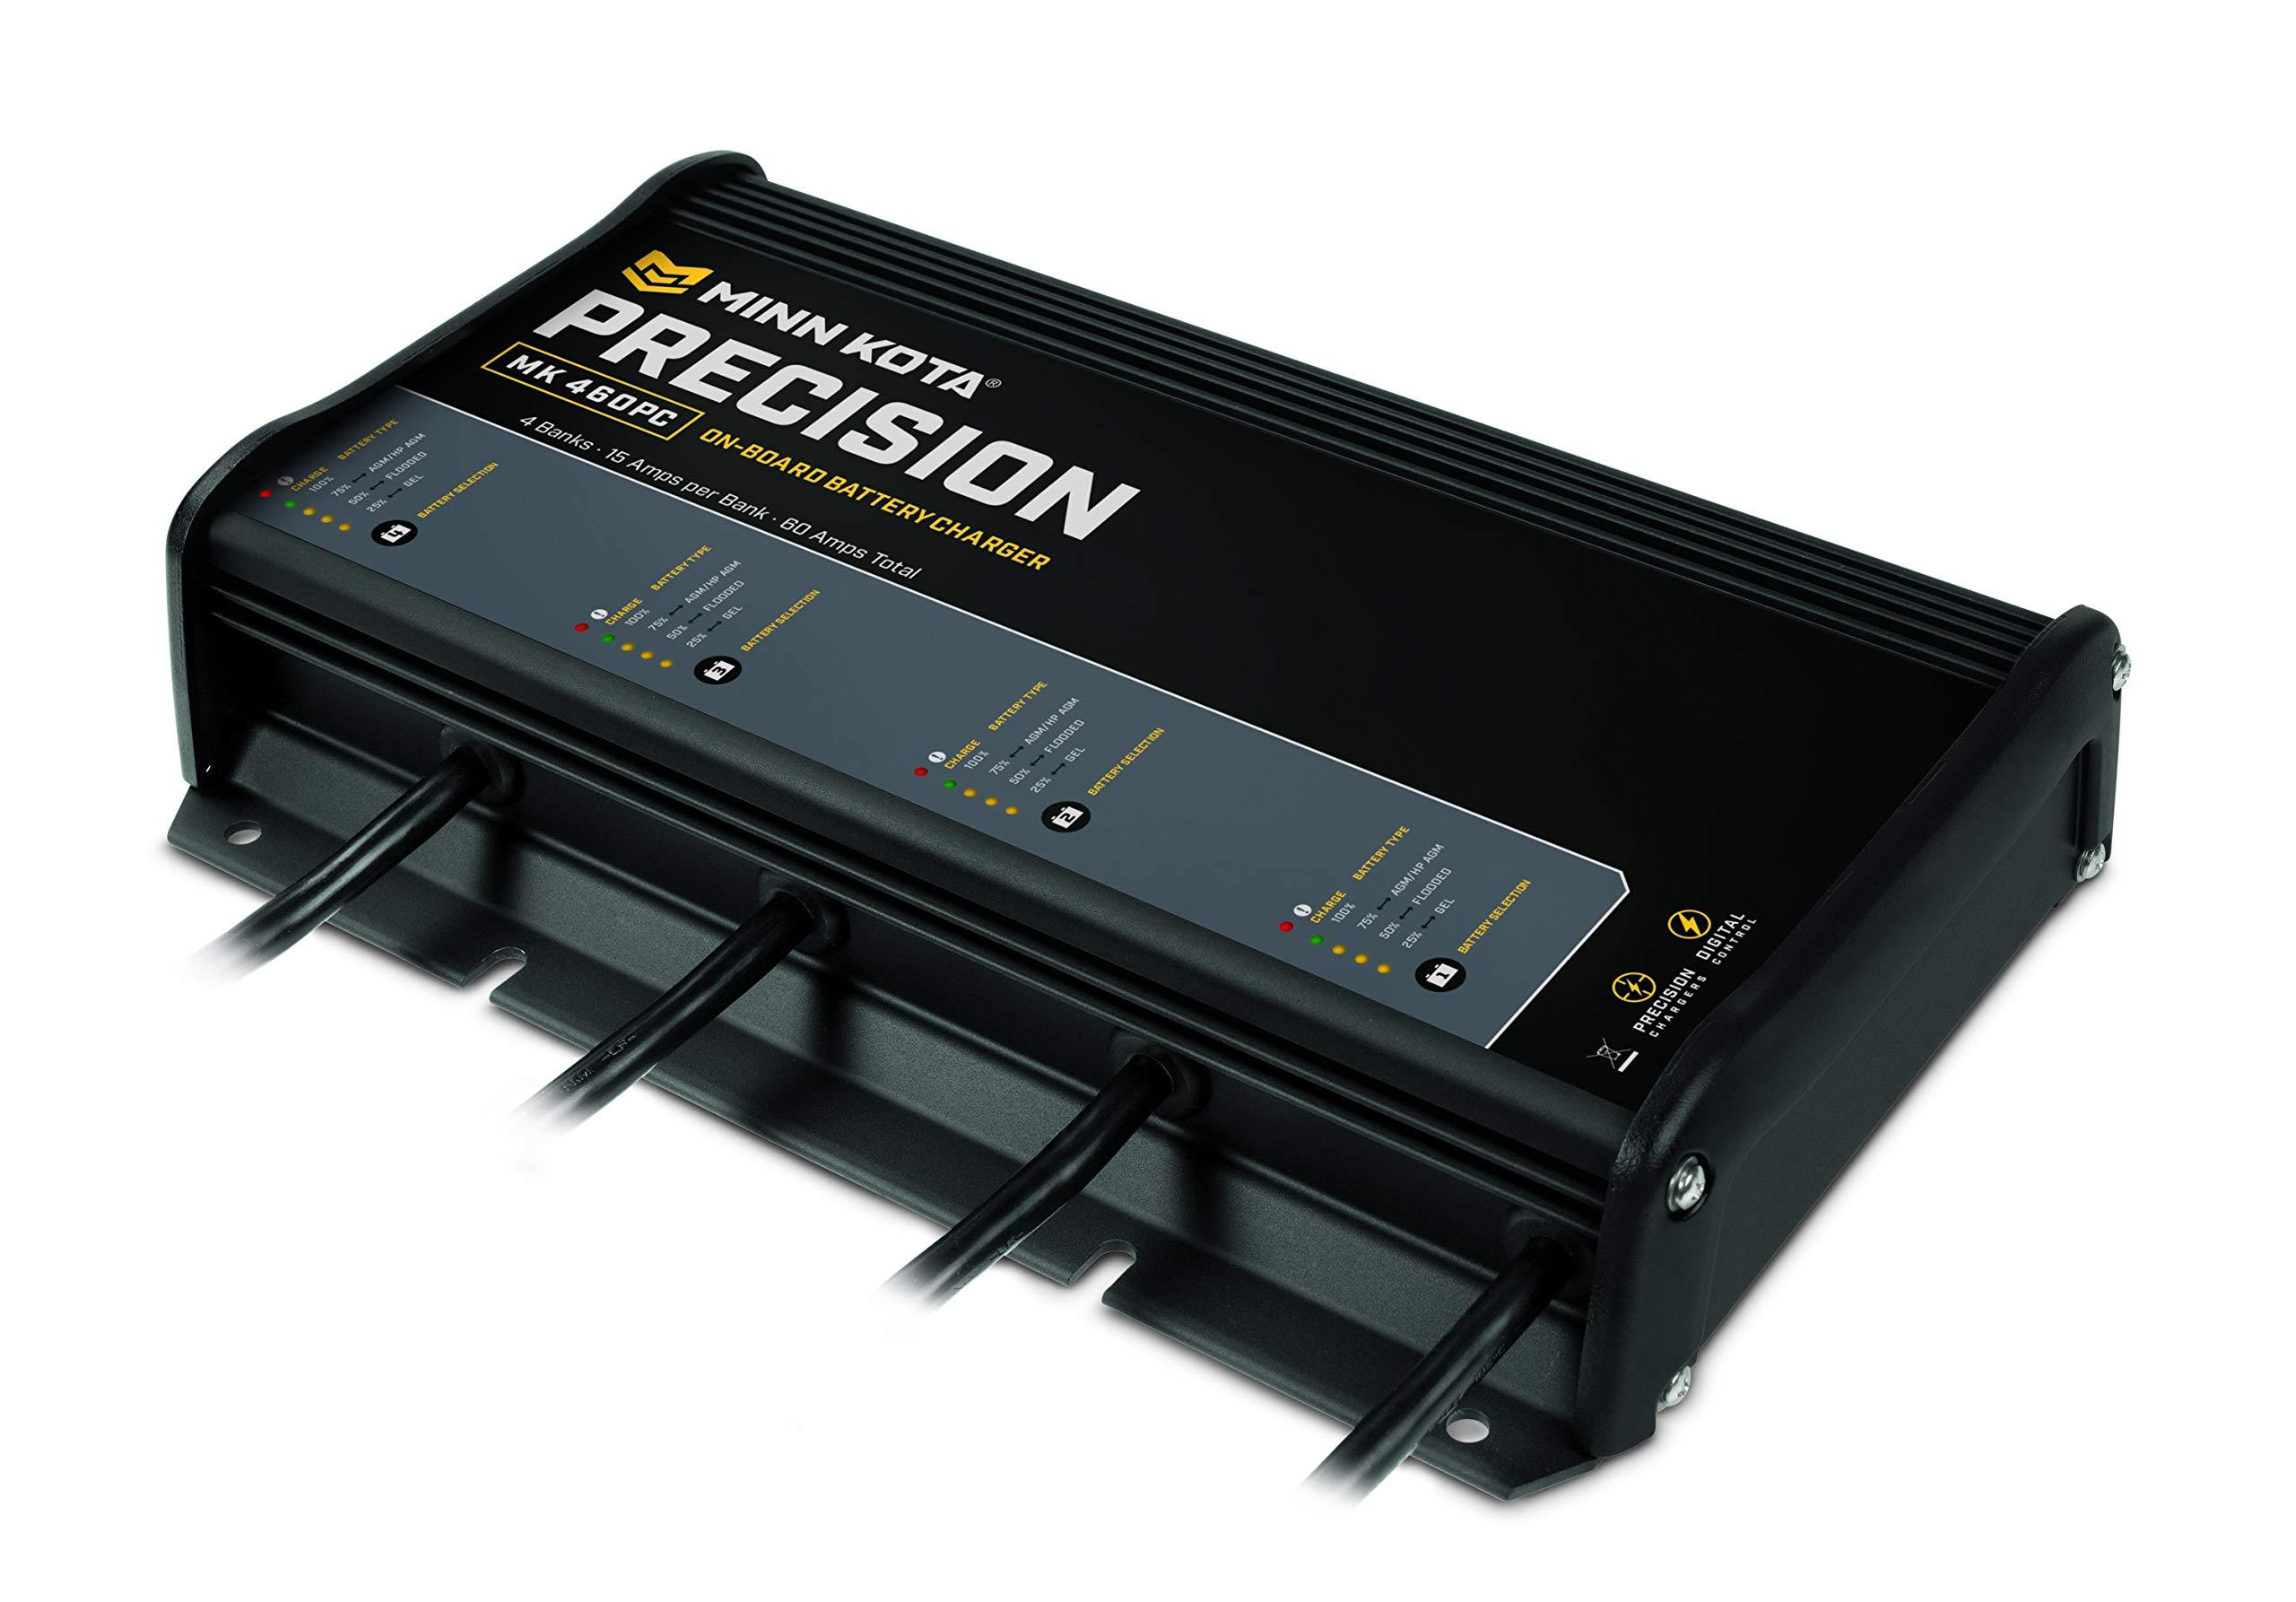 Minn Kota Precision Digital Chrgr MK 440 PC 4 bank x 10 amps by Minn Kota